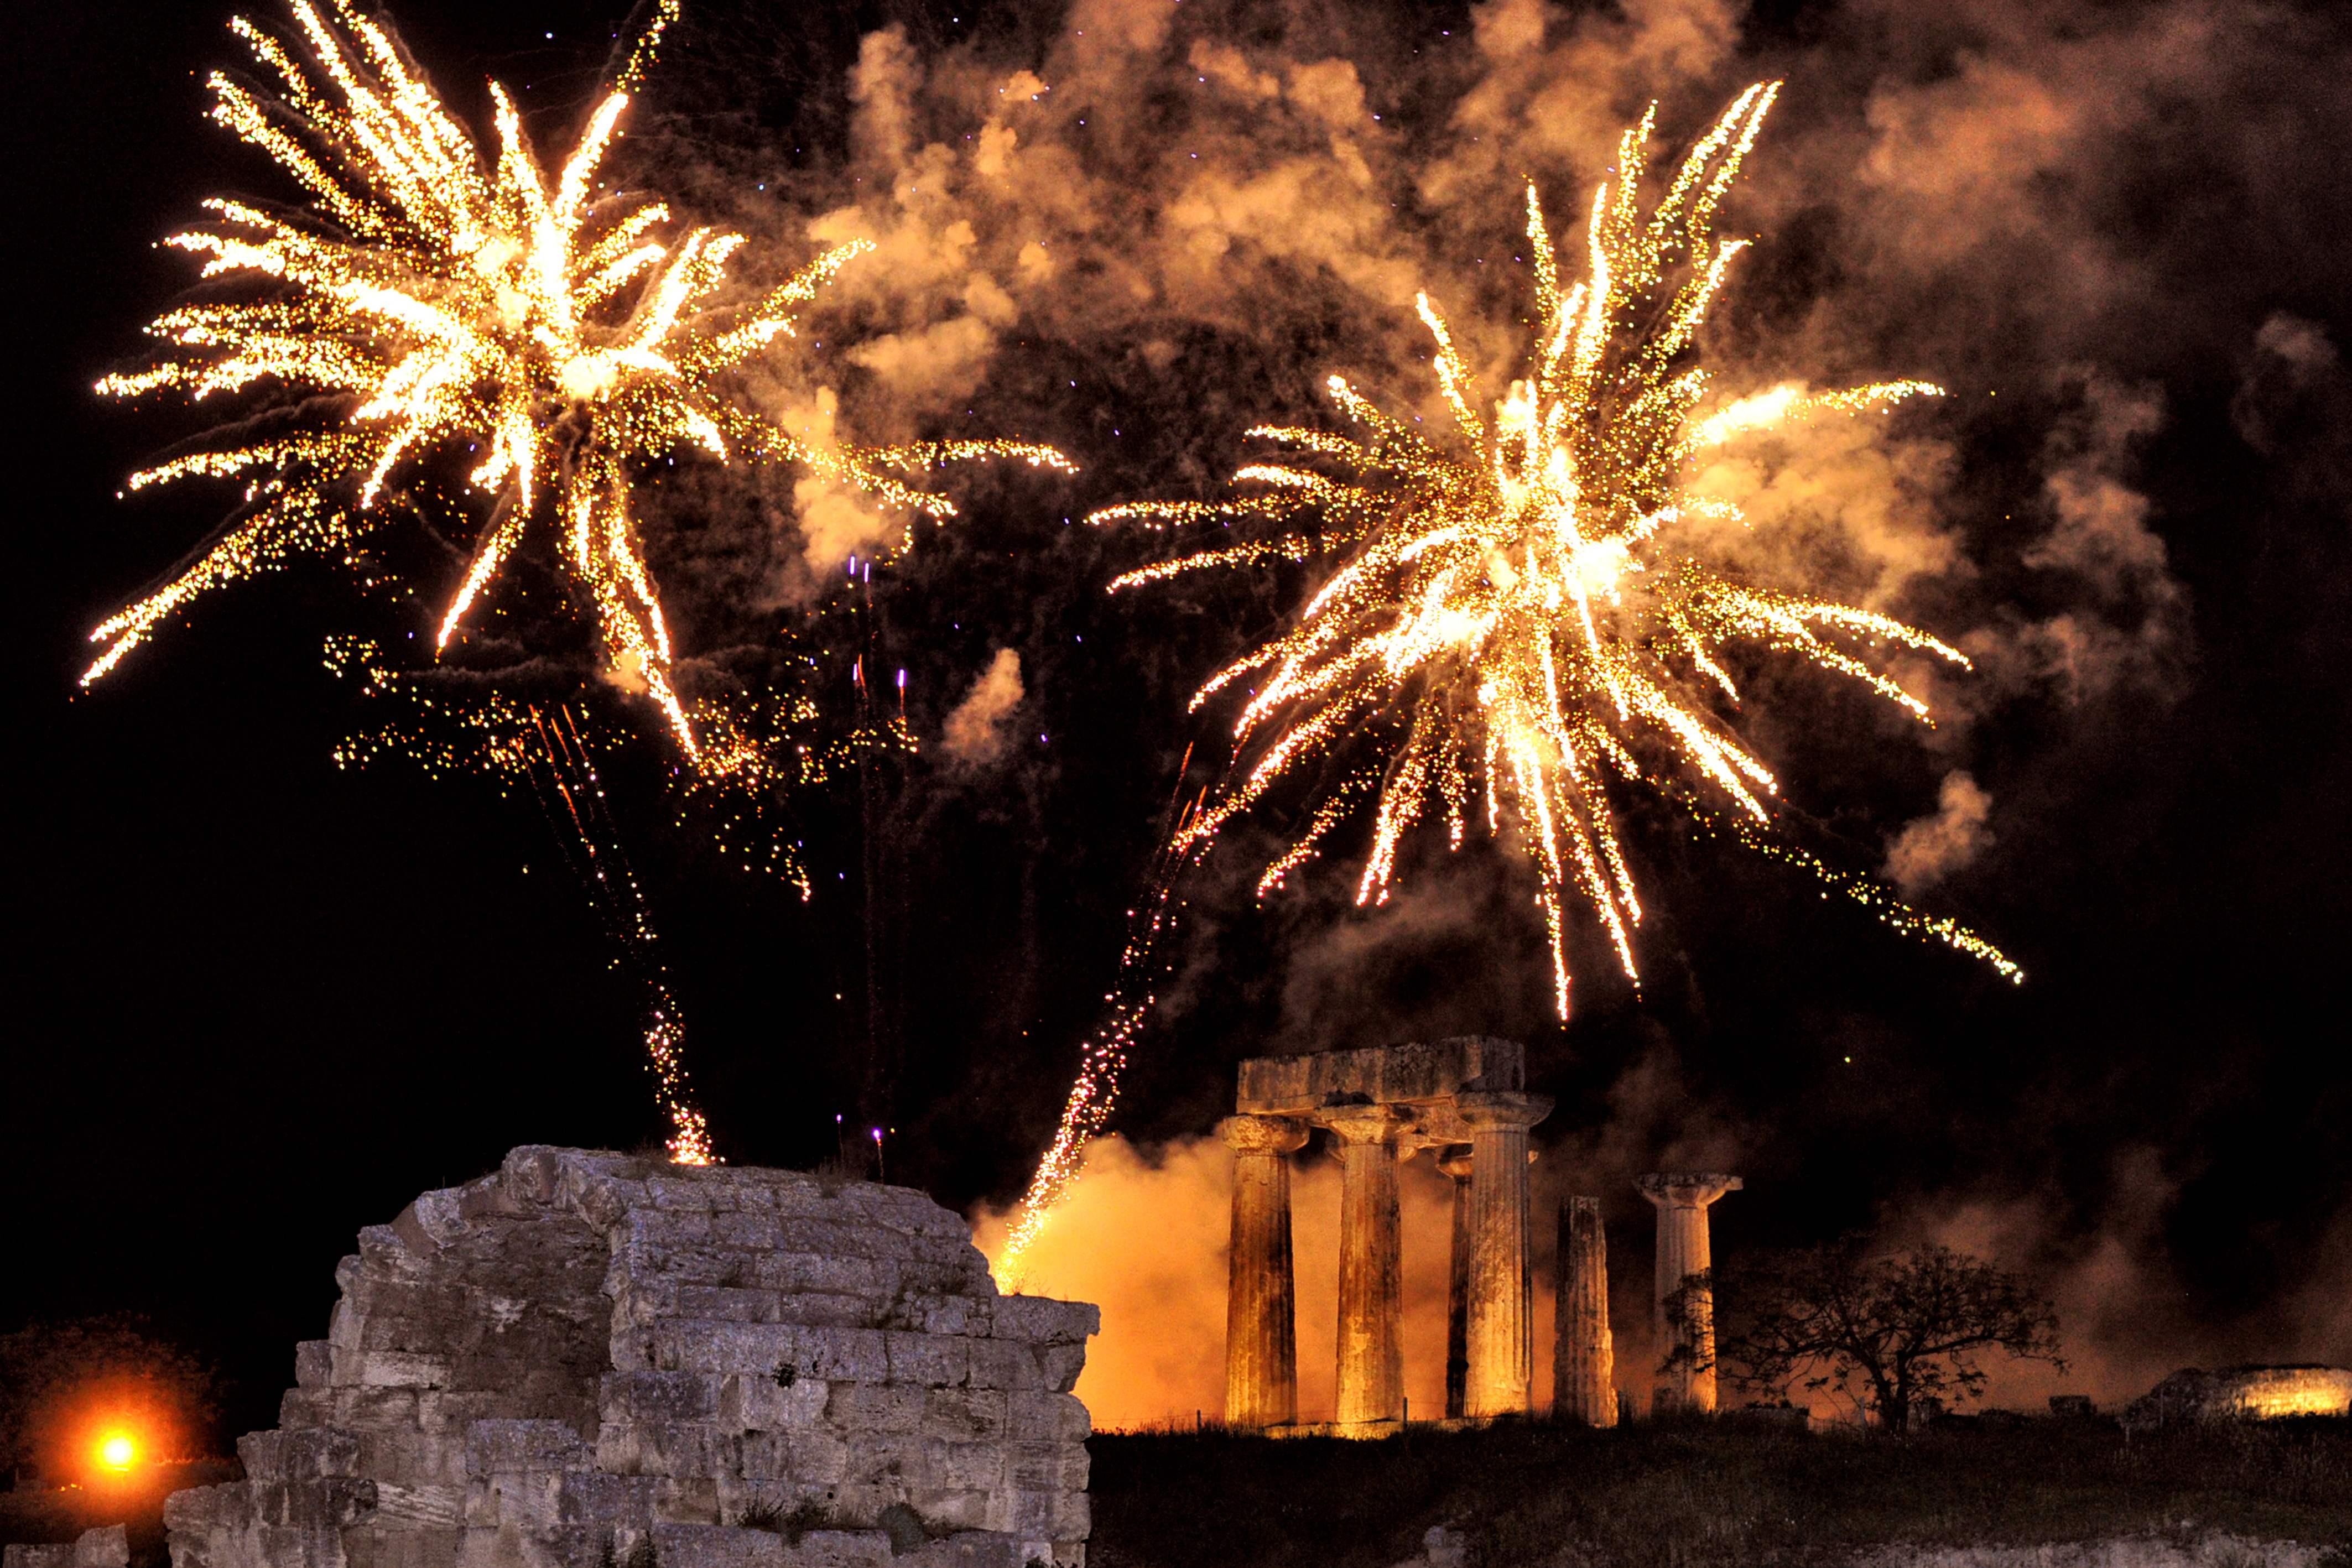 إطلاق الالعاب النارية خلال احتفالات عيد الفصح فى اليونان